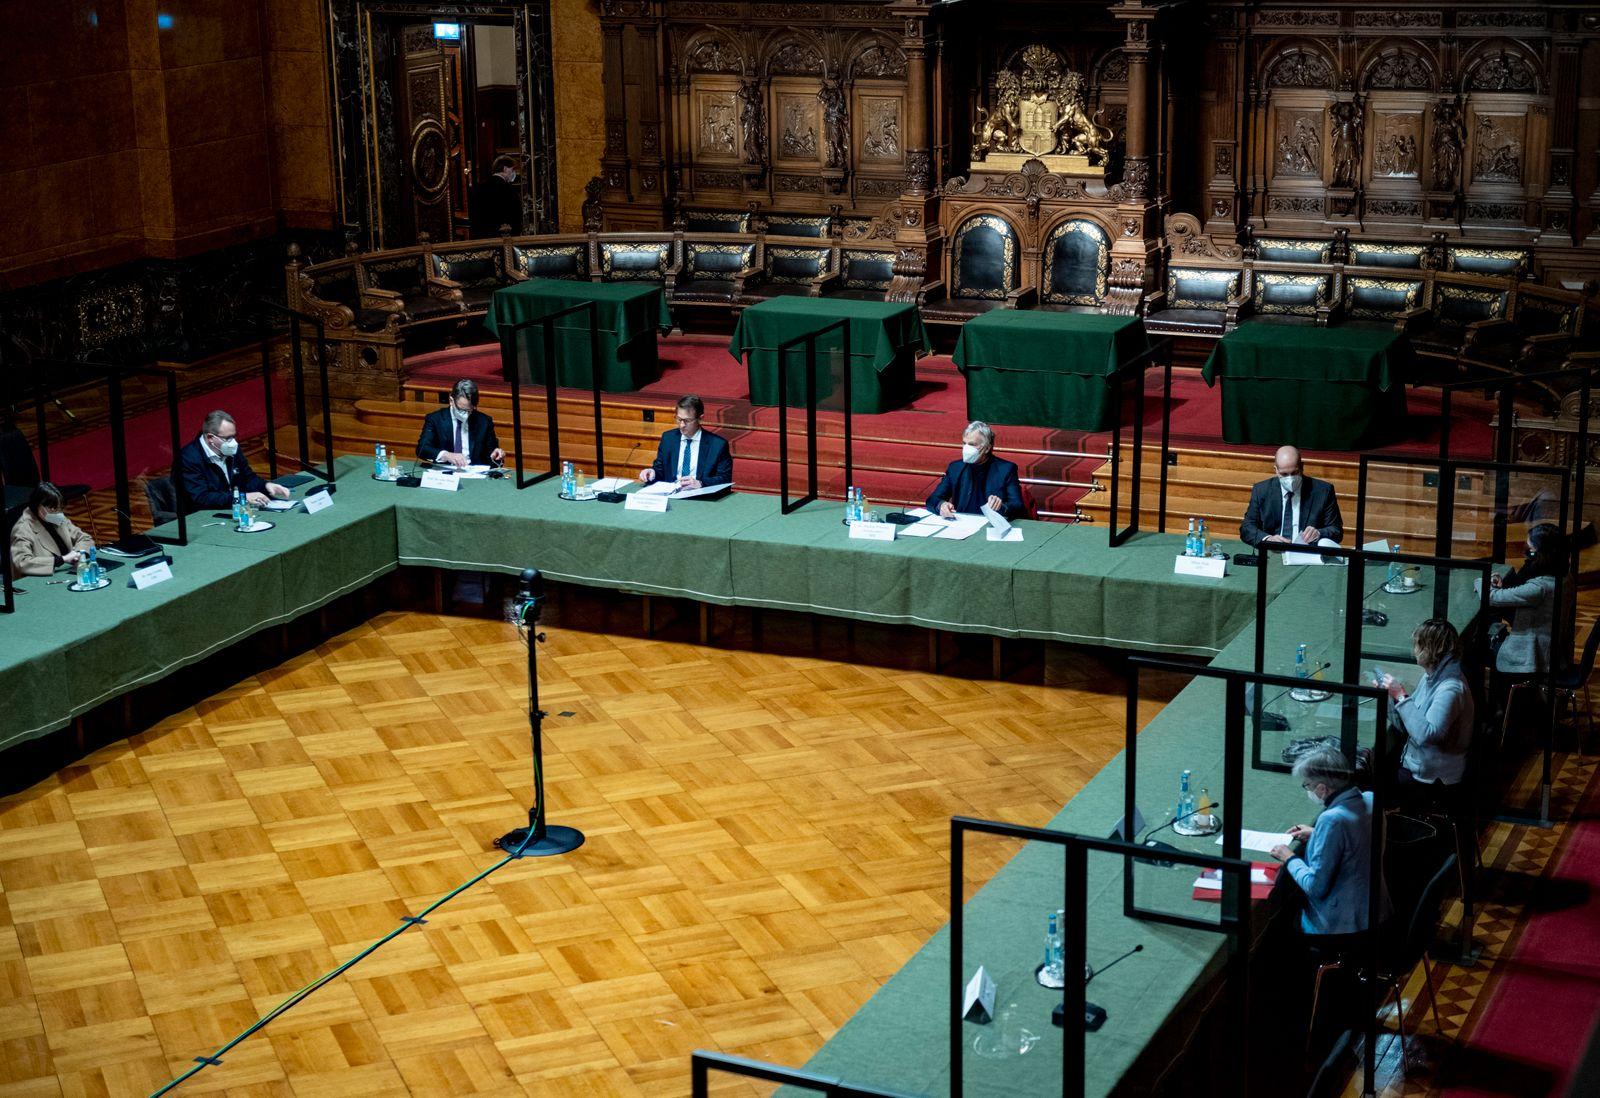 Untersuchungsausschuss zum Cum-Ex-Skandal fortgesetzt